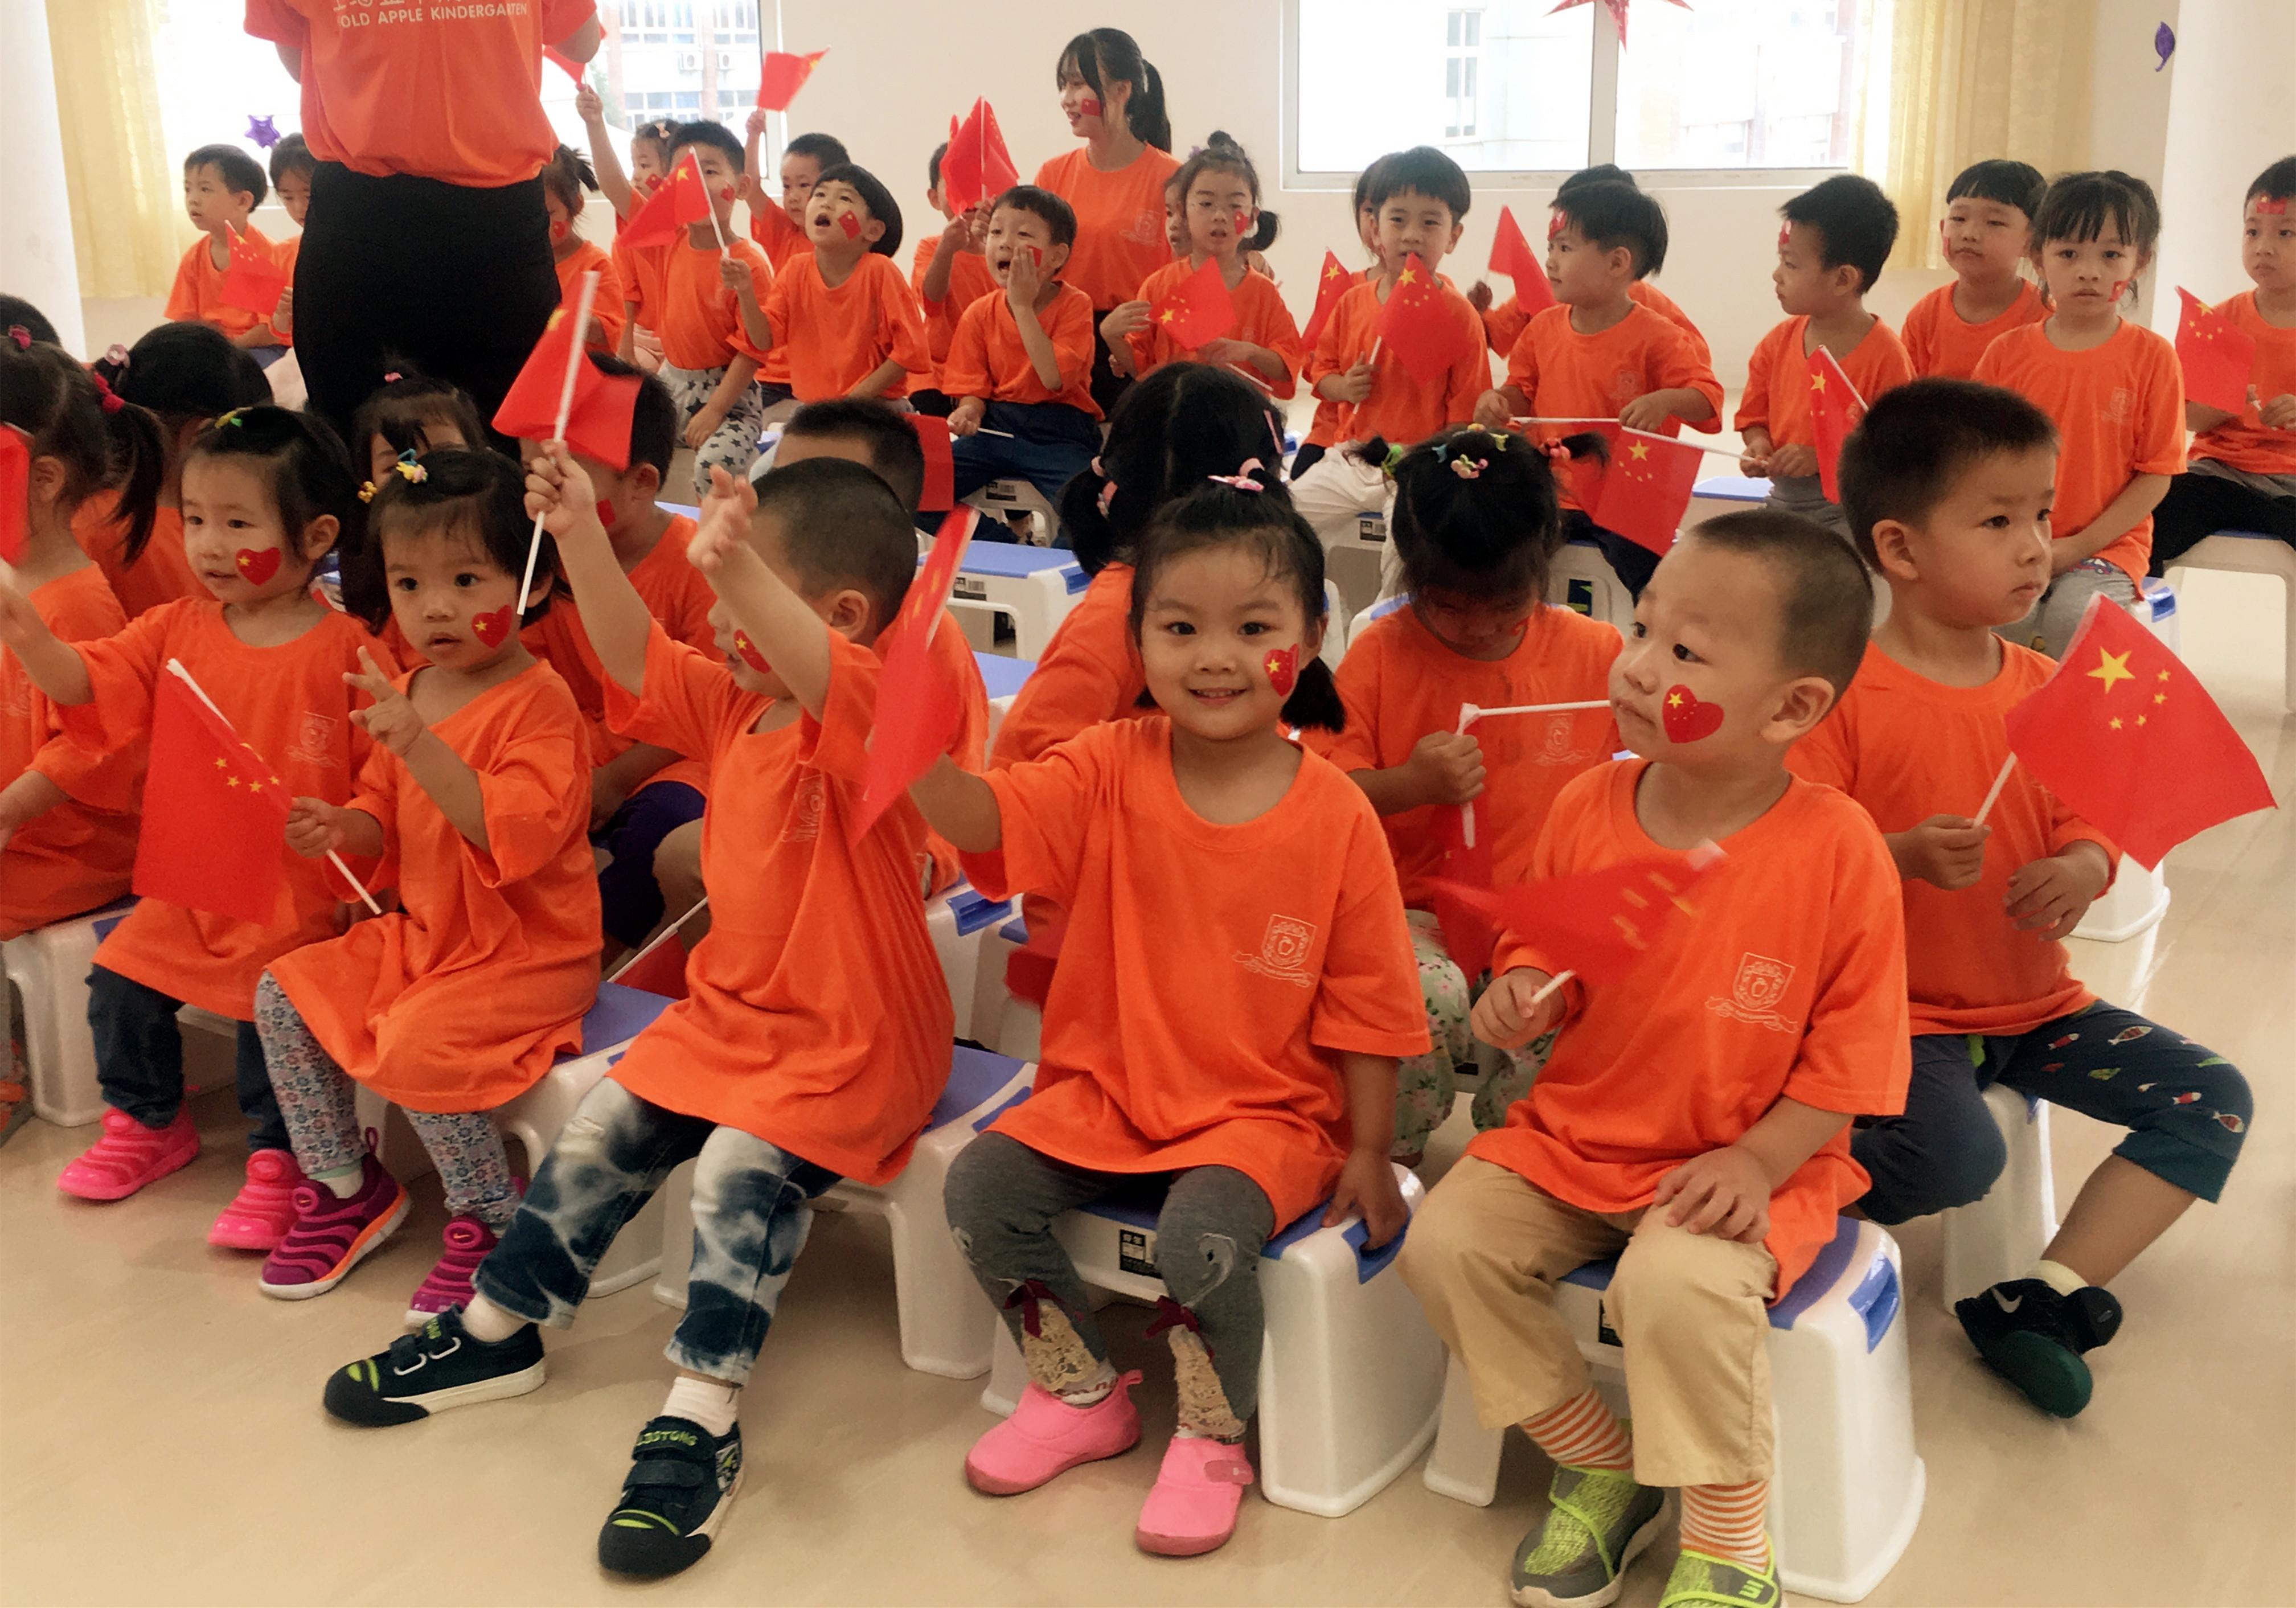 金苹果幼儿园——欢庆国庆暨小小苹果阅兵式活动